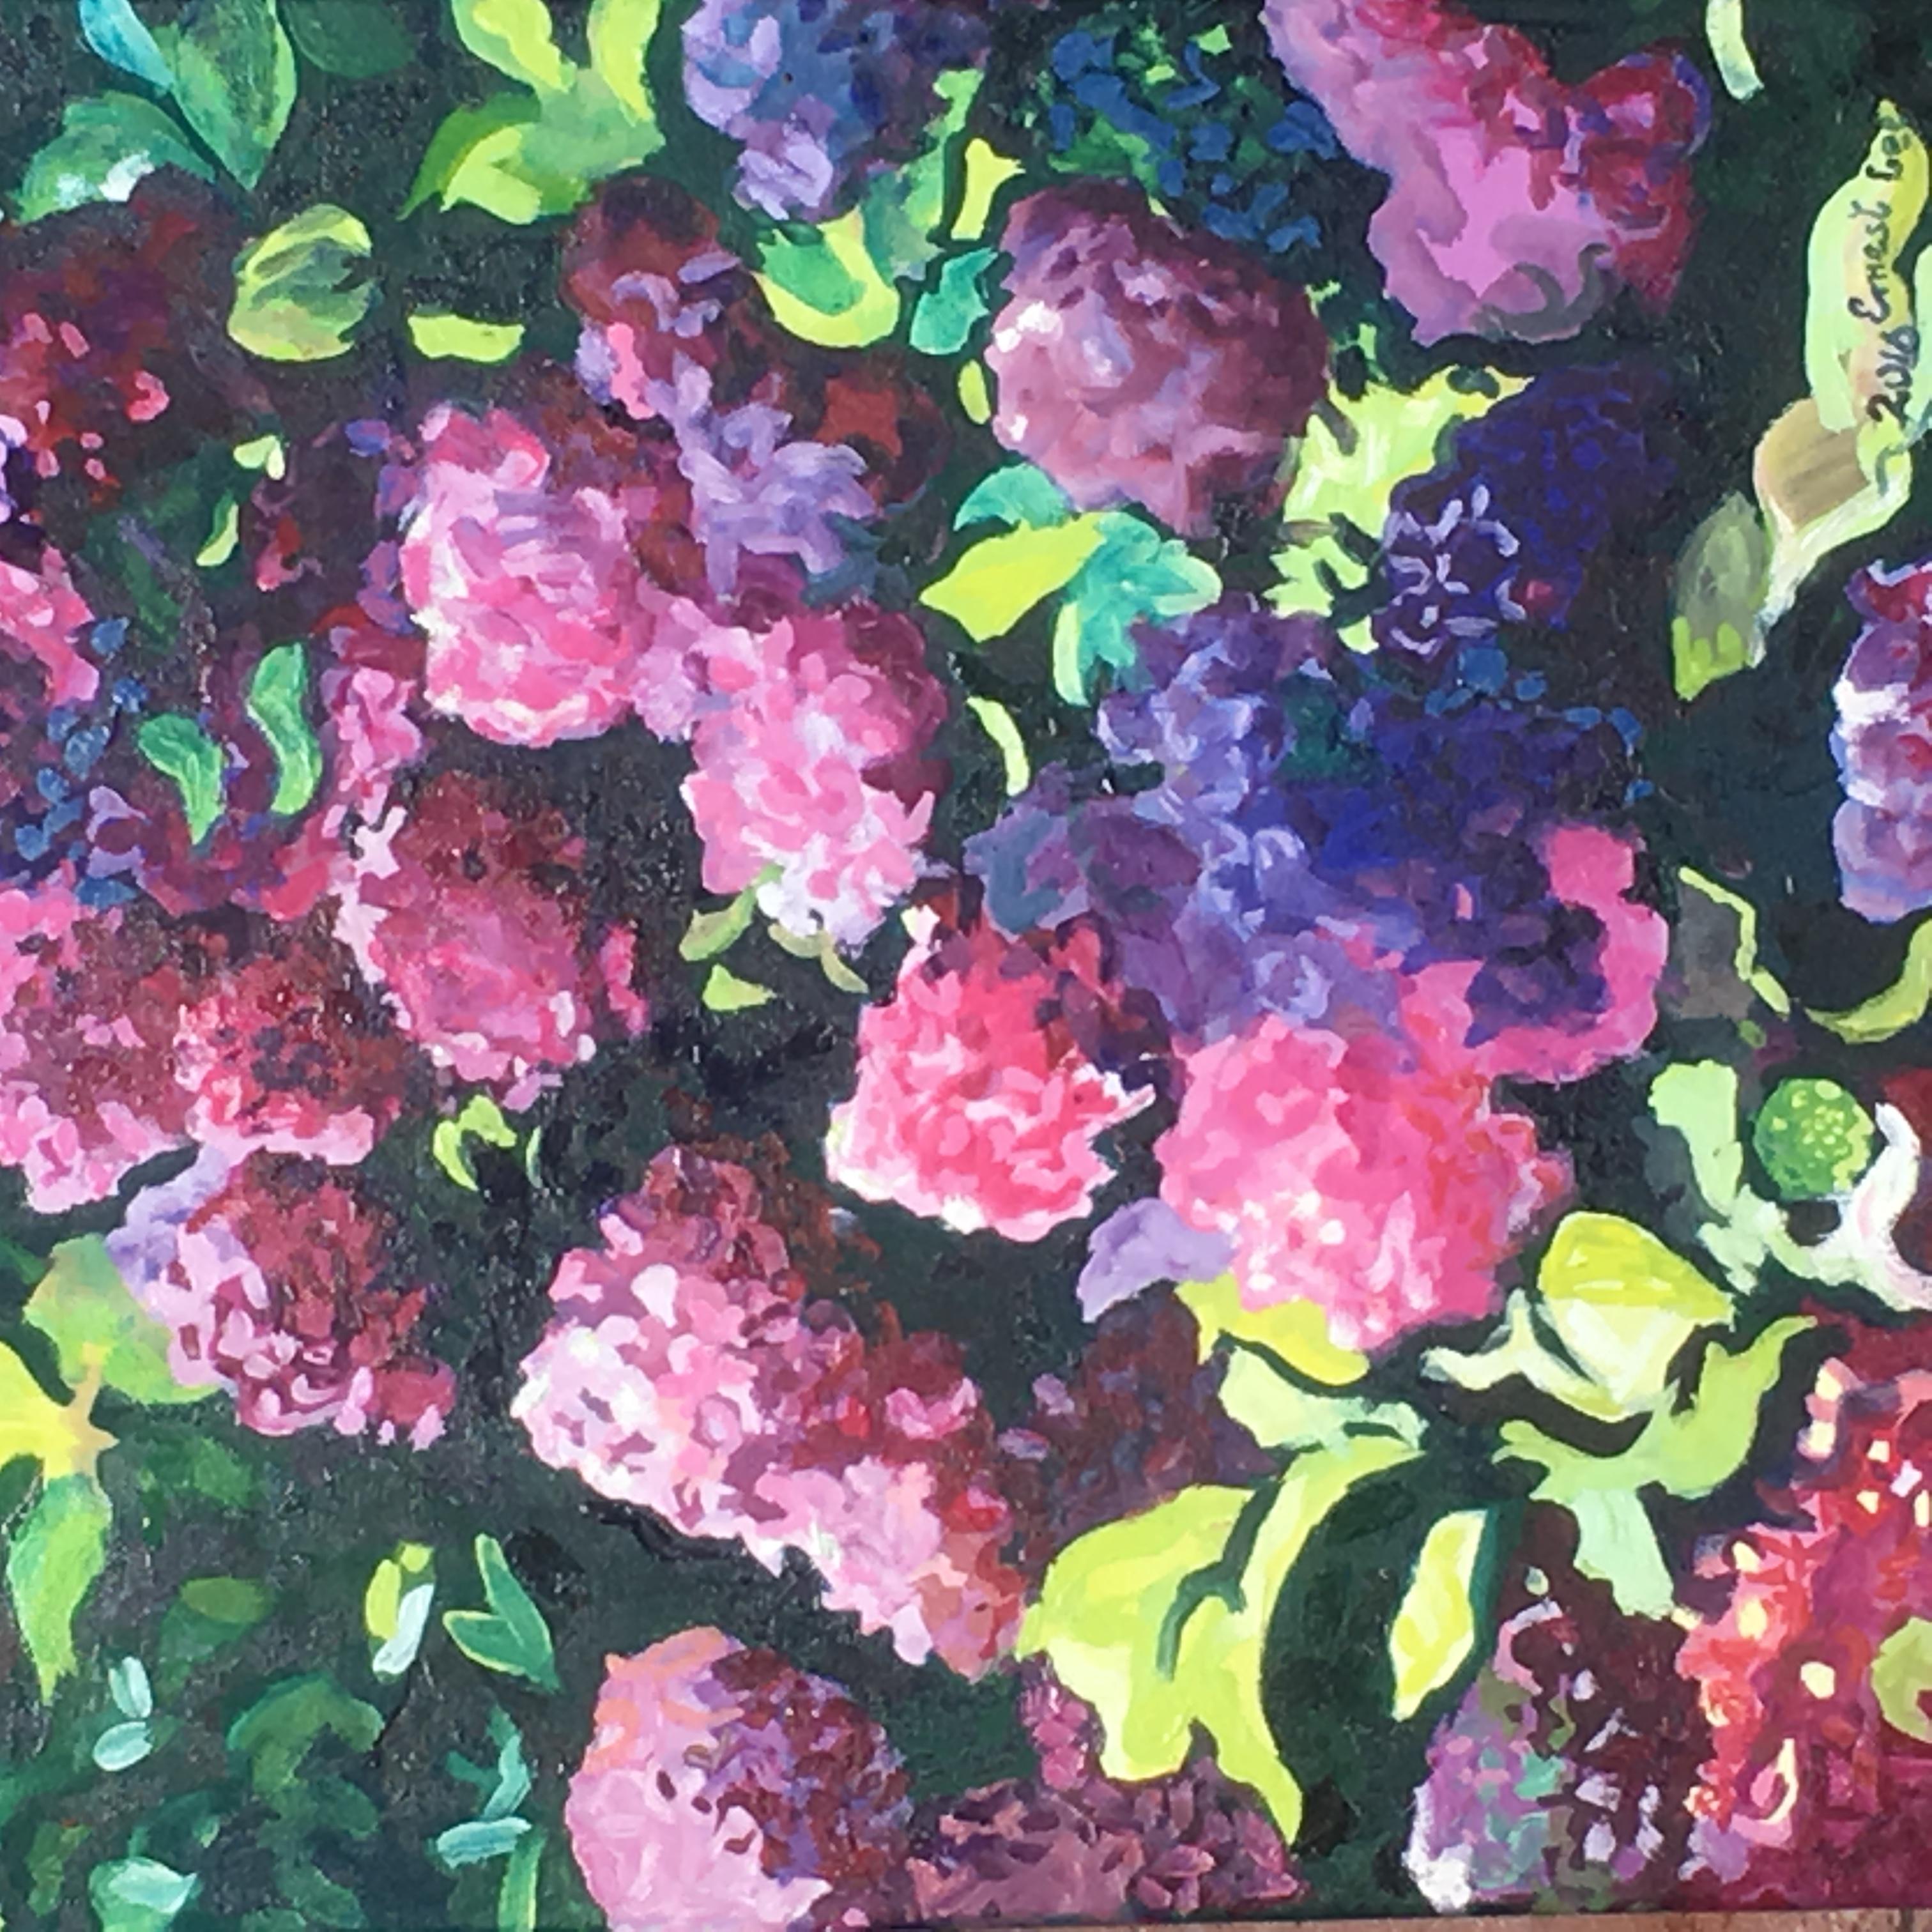 Ernie Lee, Pink Hydrangeas